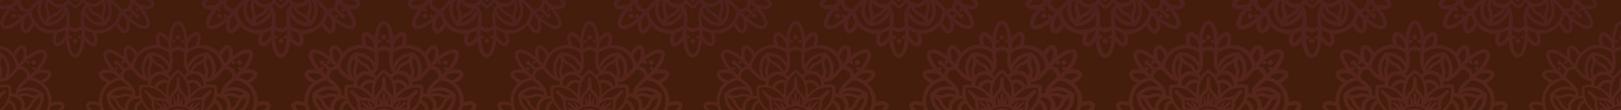 индийская лавка